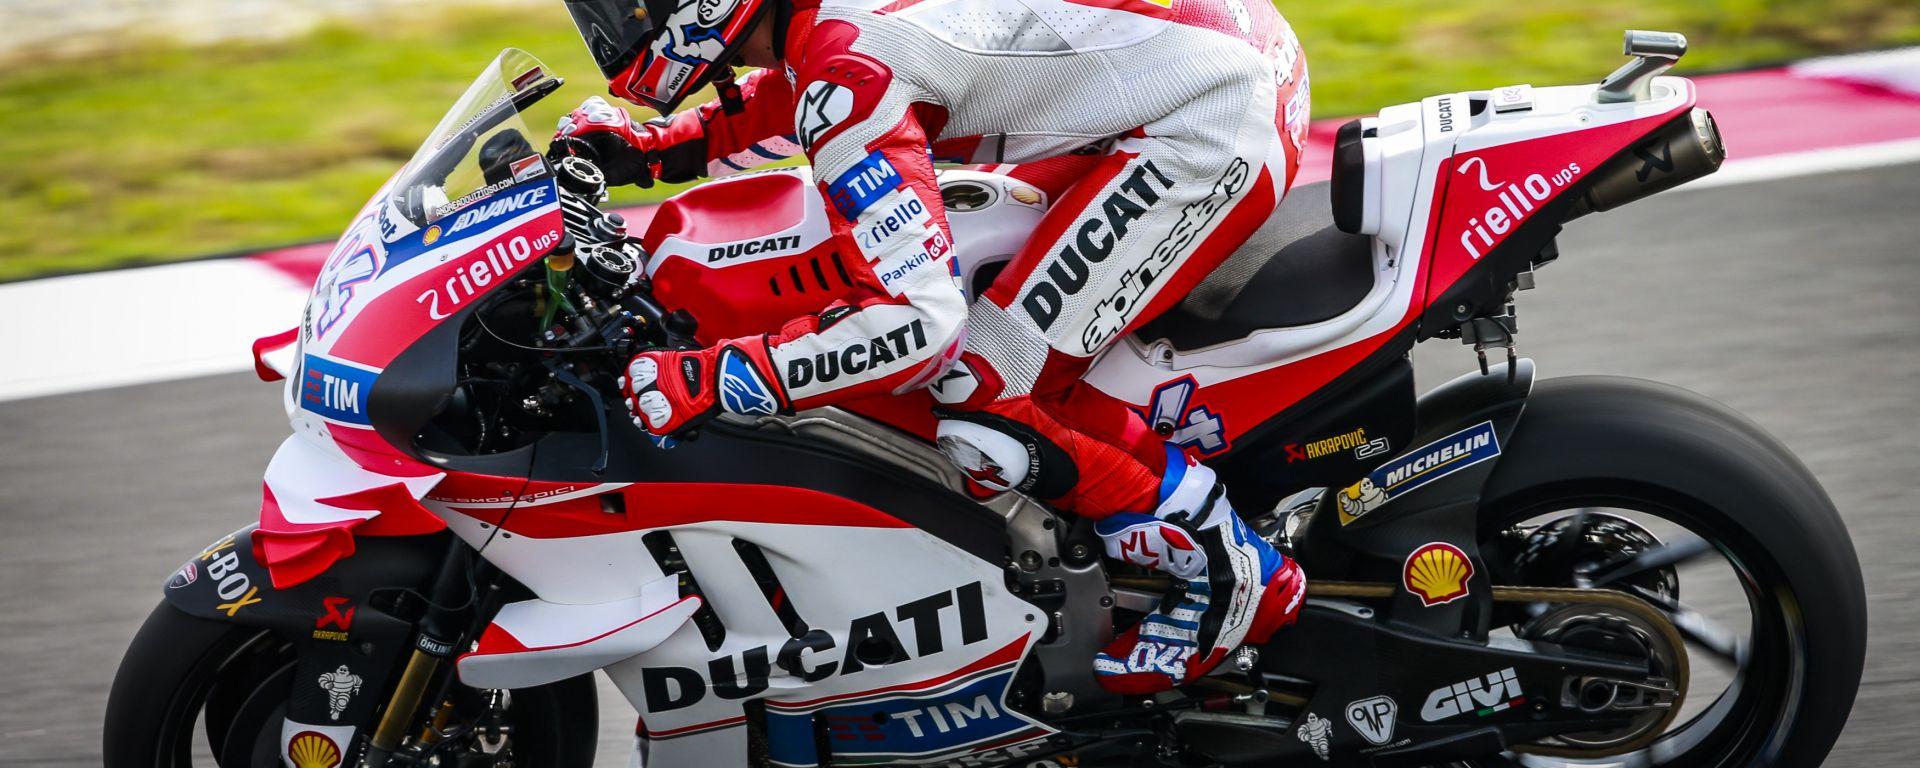 MotoGP Sepang 2016: Andrea Dovizioso in pole davanti a Rossi e Lorenzo